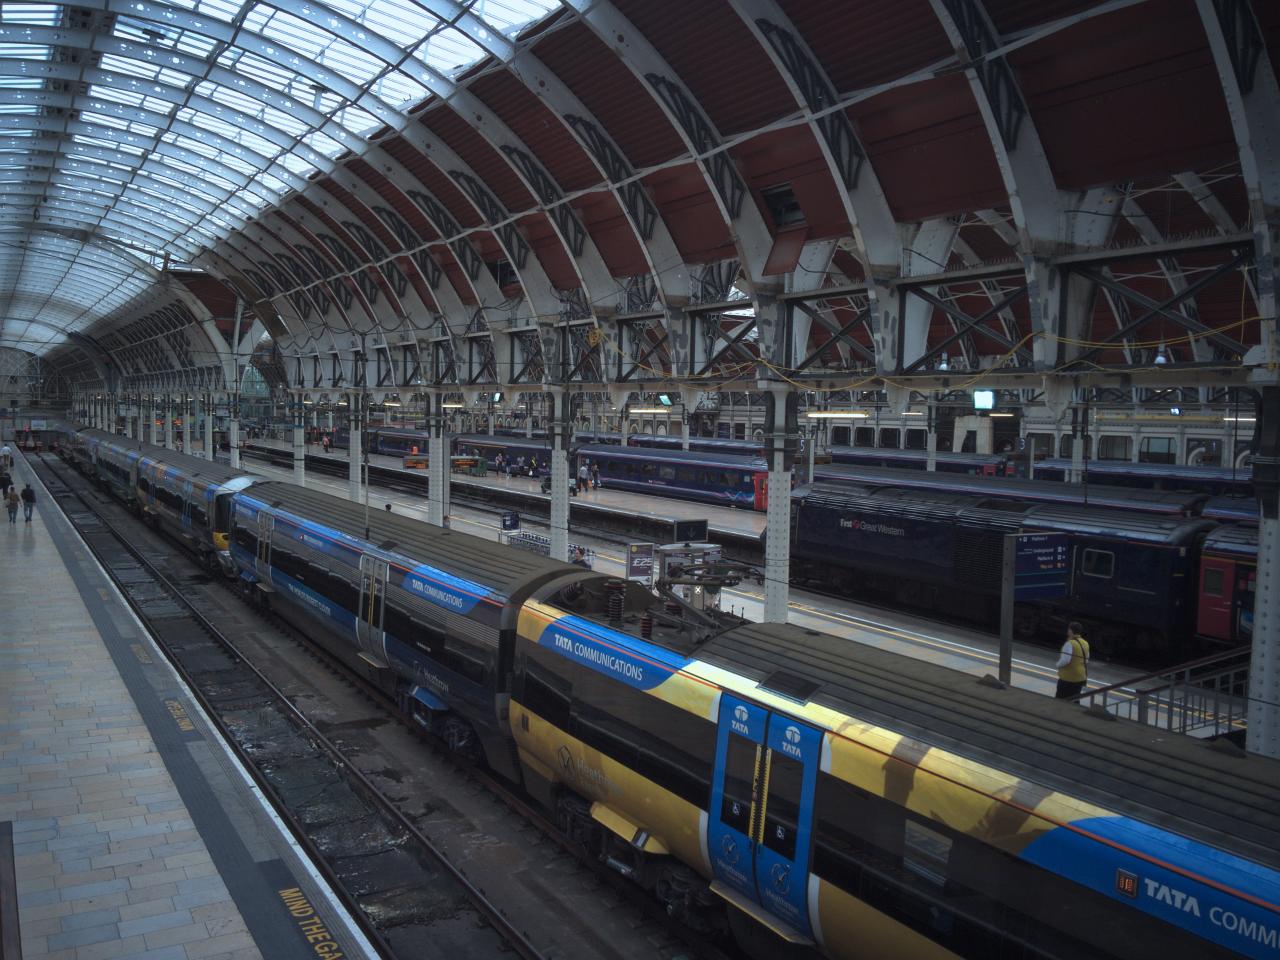 ロンドンのターミナル駅パディントン駅の写真。2016年7月29日撮影。